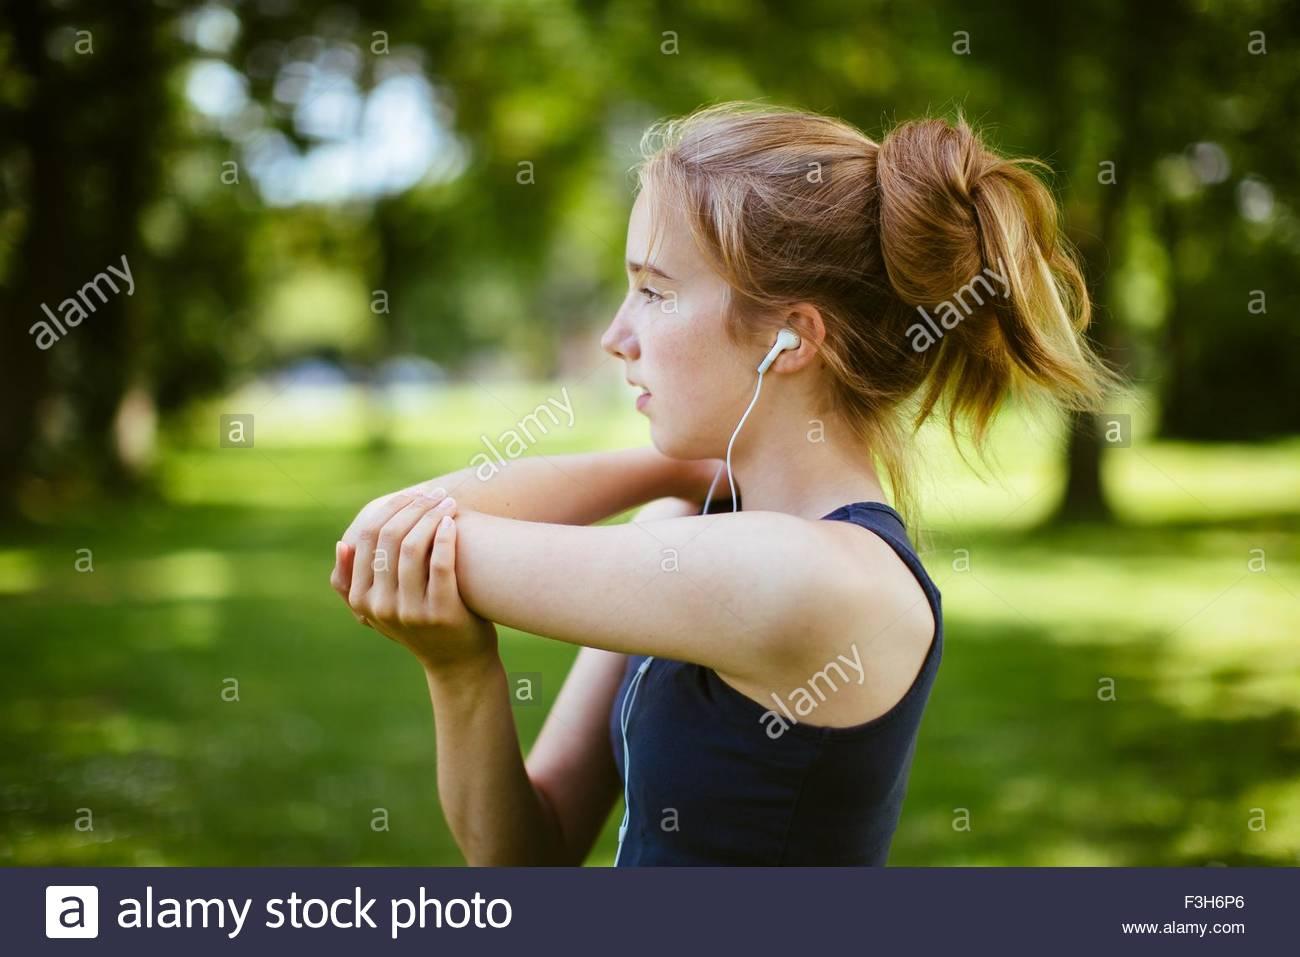 Niña en el parque, haciendo estiramientos del brazo Imagen De Stock